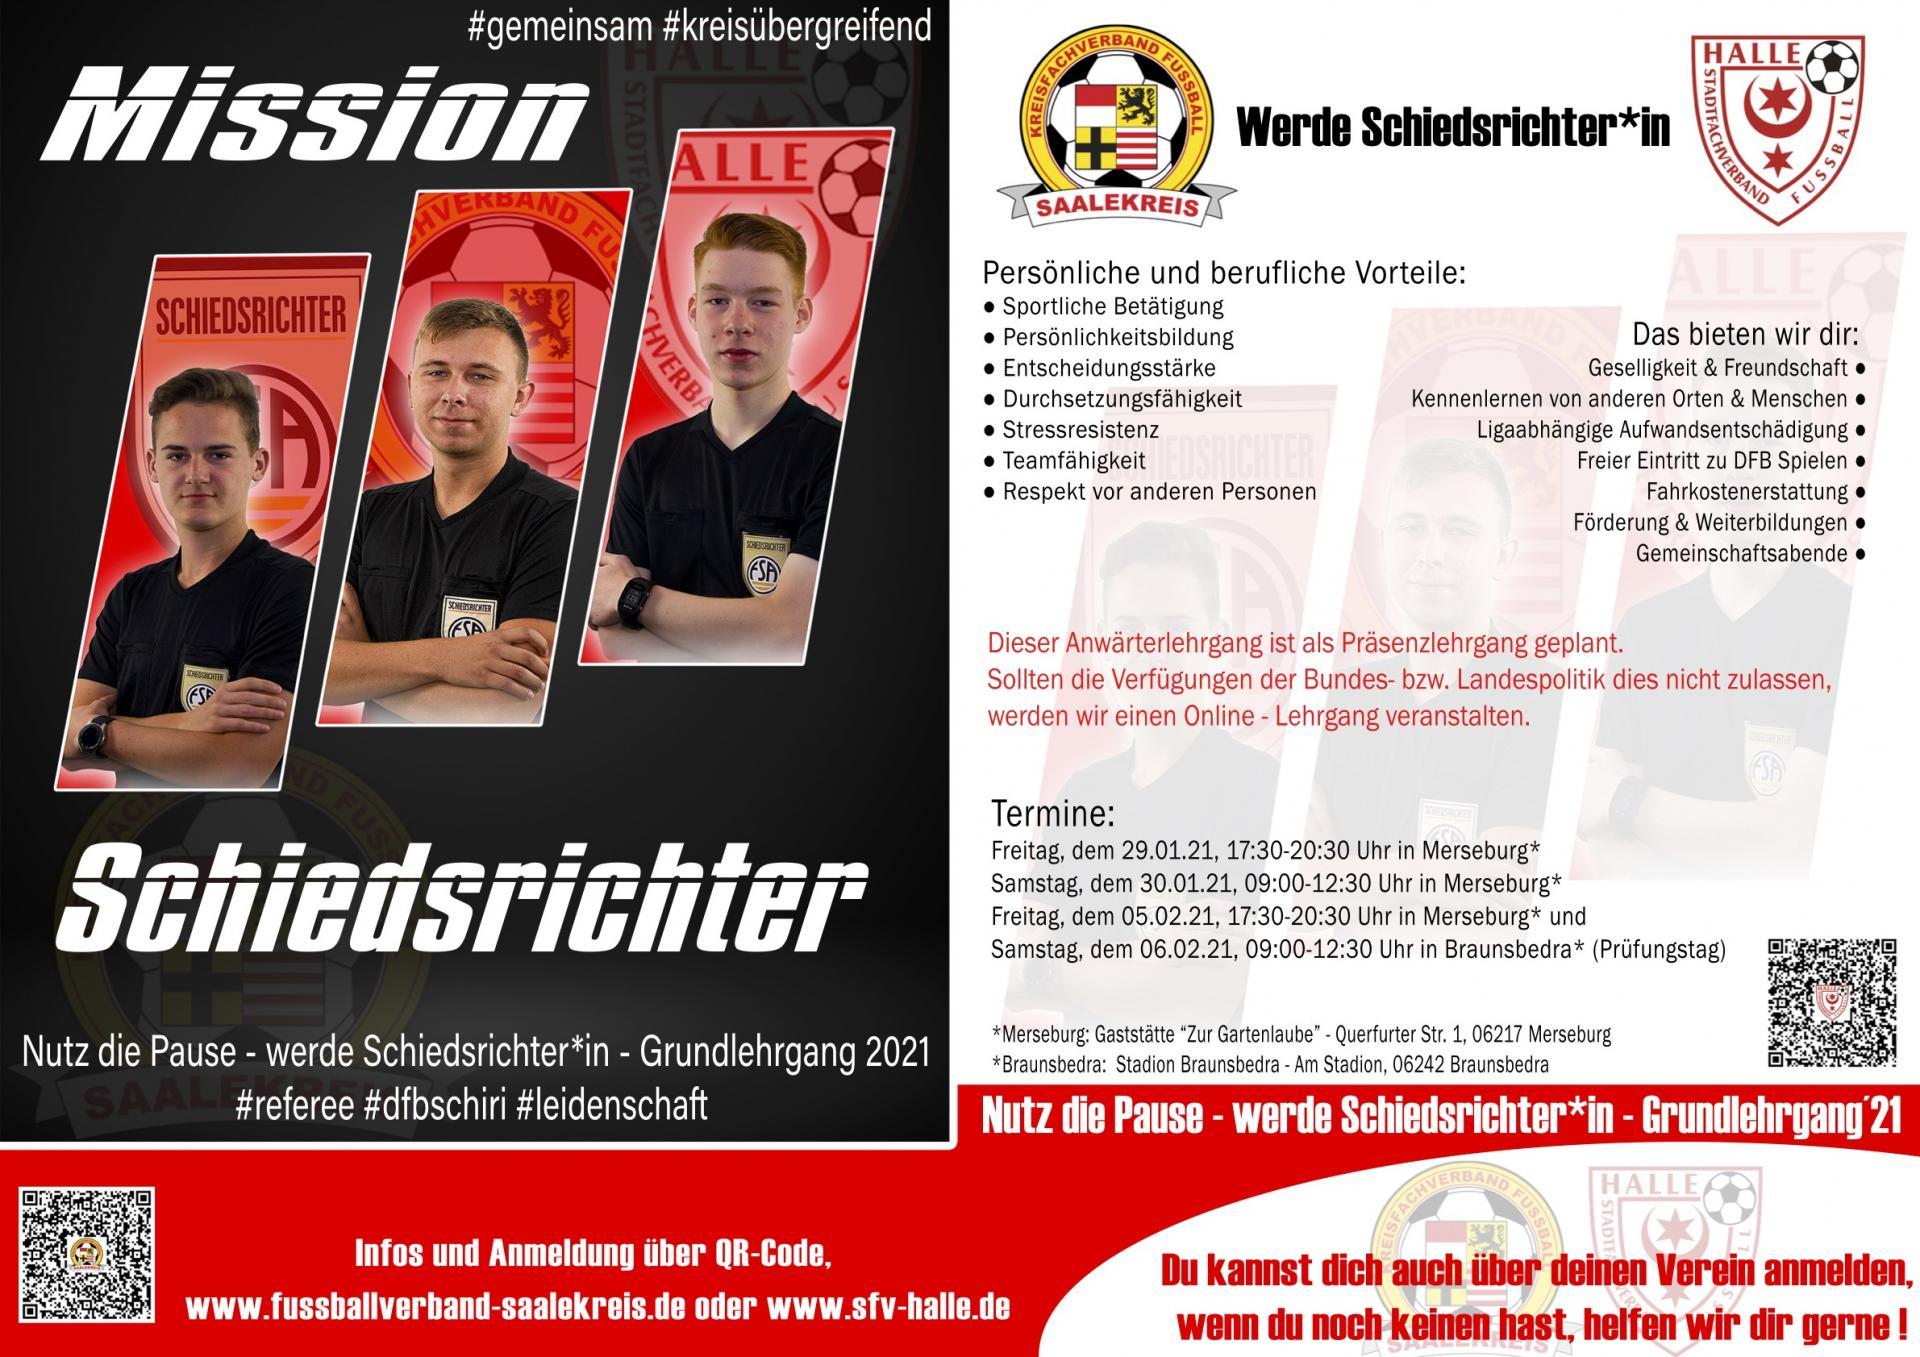 Mission Schiedsrichter 2021